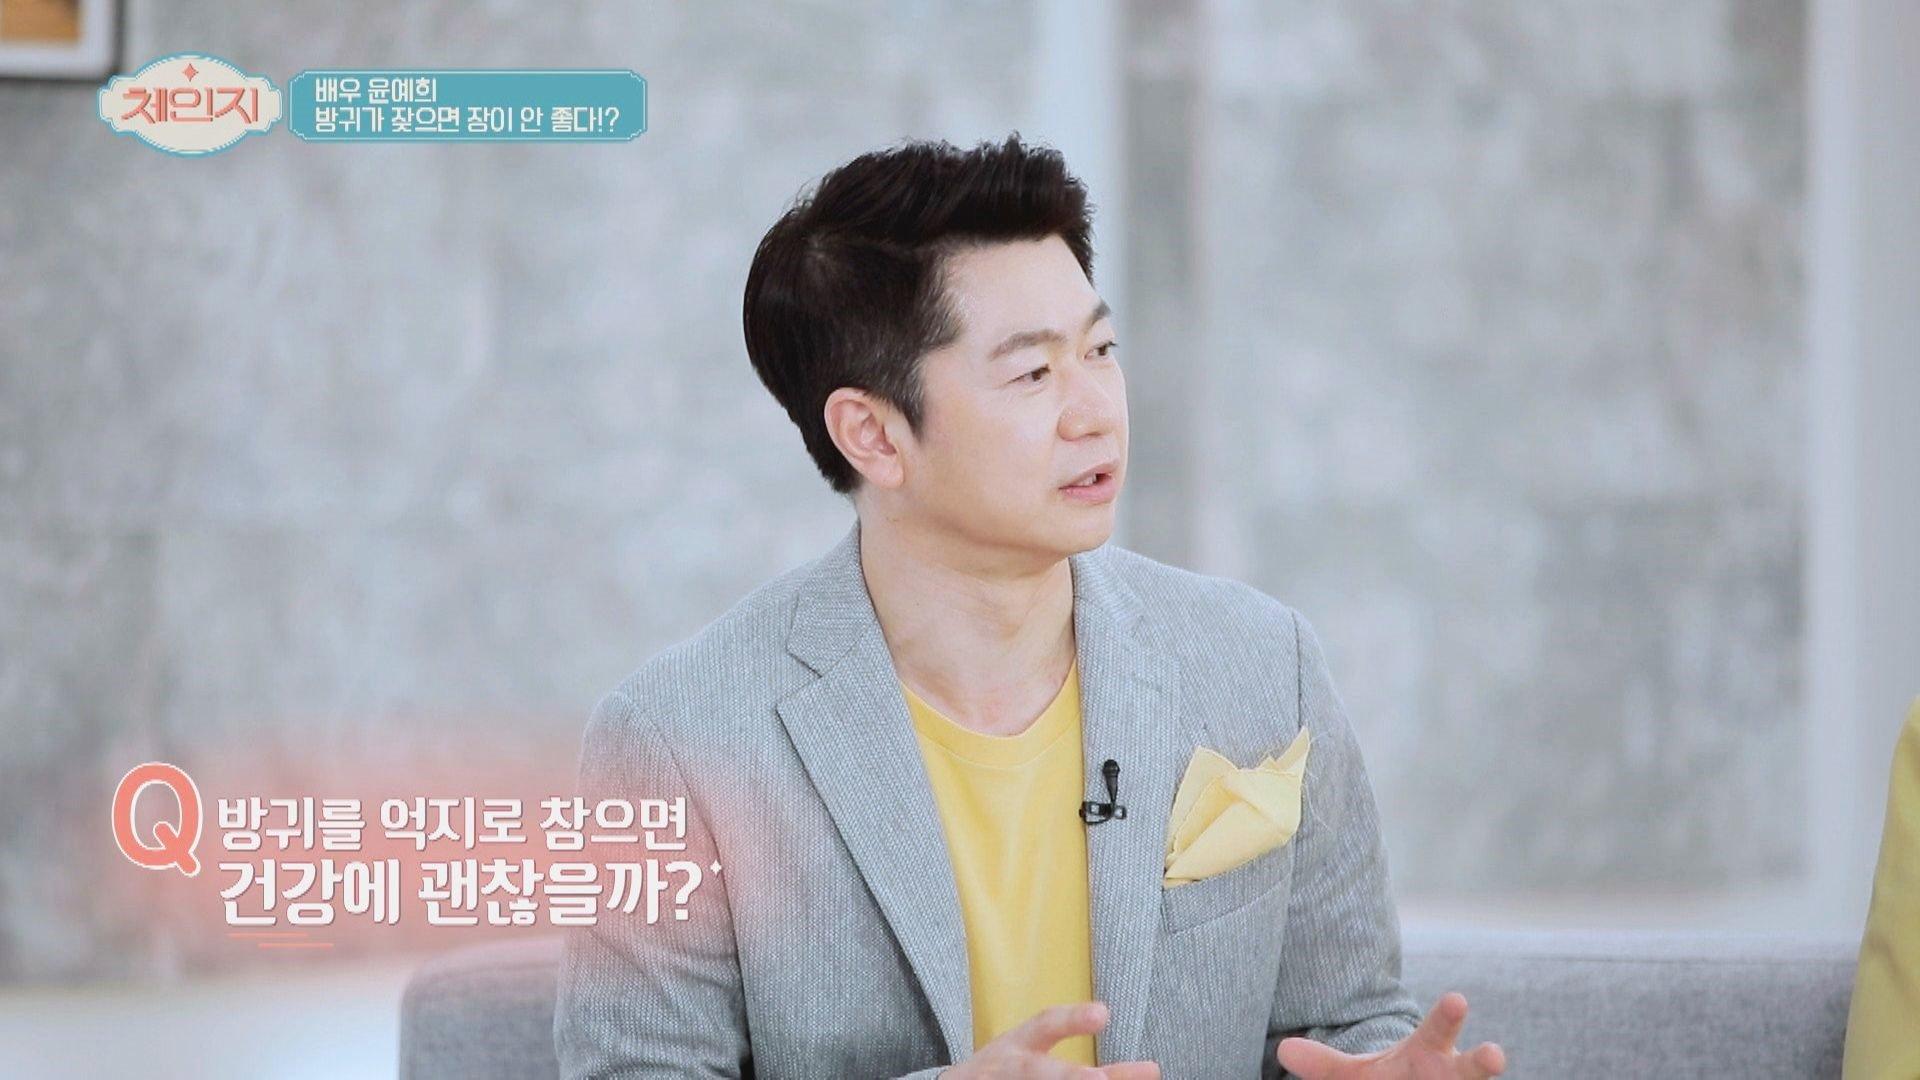 [방귀 Q&A] 방귀를 억지로 참으면 건강에 해로울까?!   JTBC 210505 방송